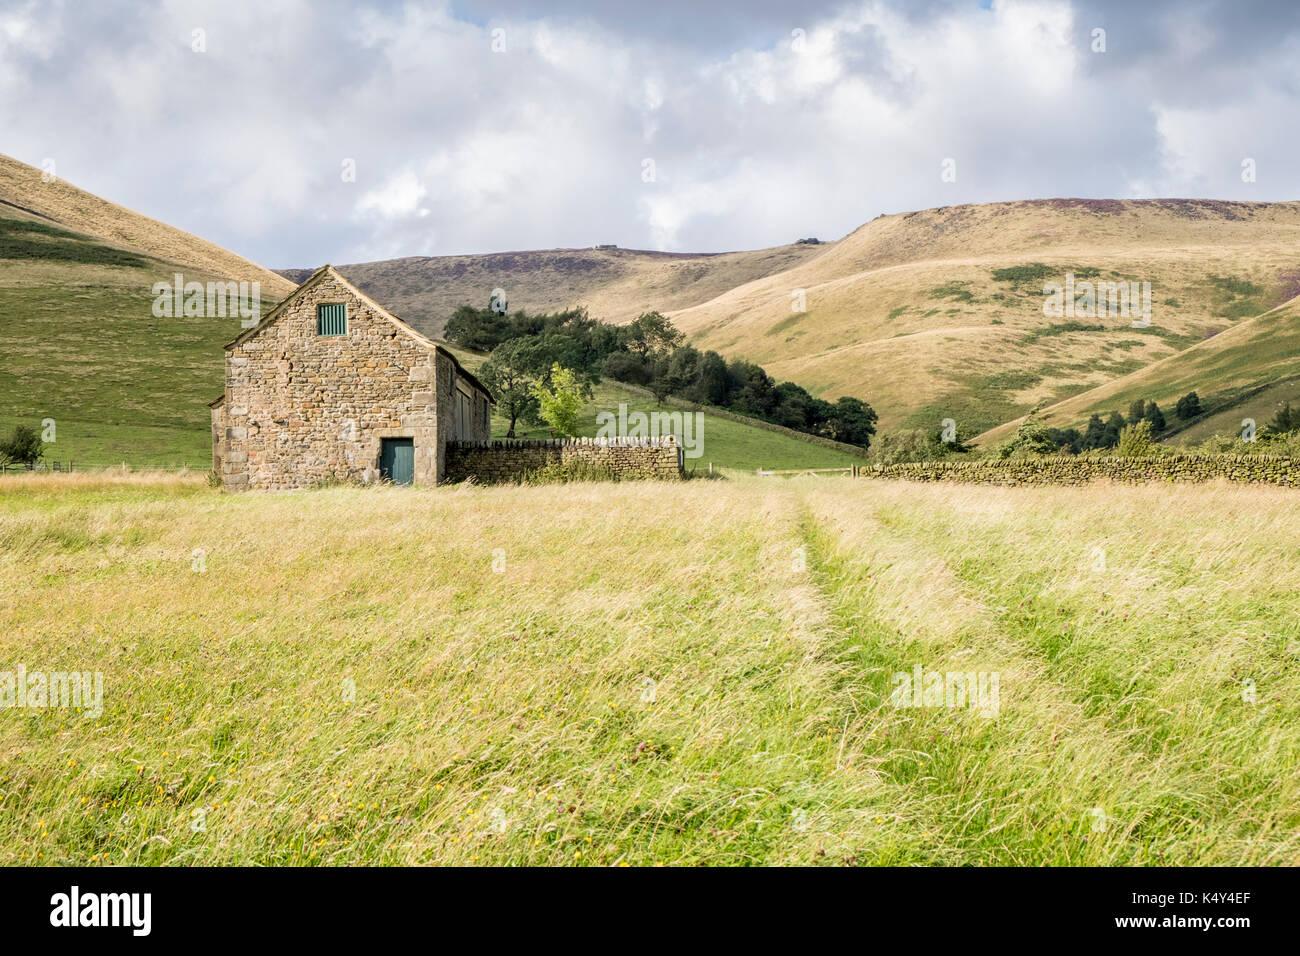 Derbyshire paisajes: antiguo granero de piedra a los pies de Crowden Clough, cerca de Upper Booth, Vale de Edale, Derbyshire Peak District, Inglaterra, Reino Unido. Imagen De Stock